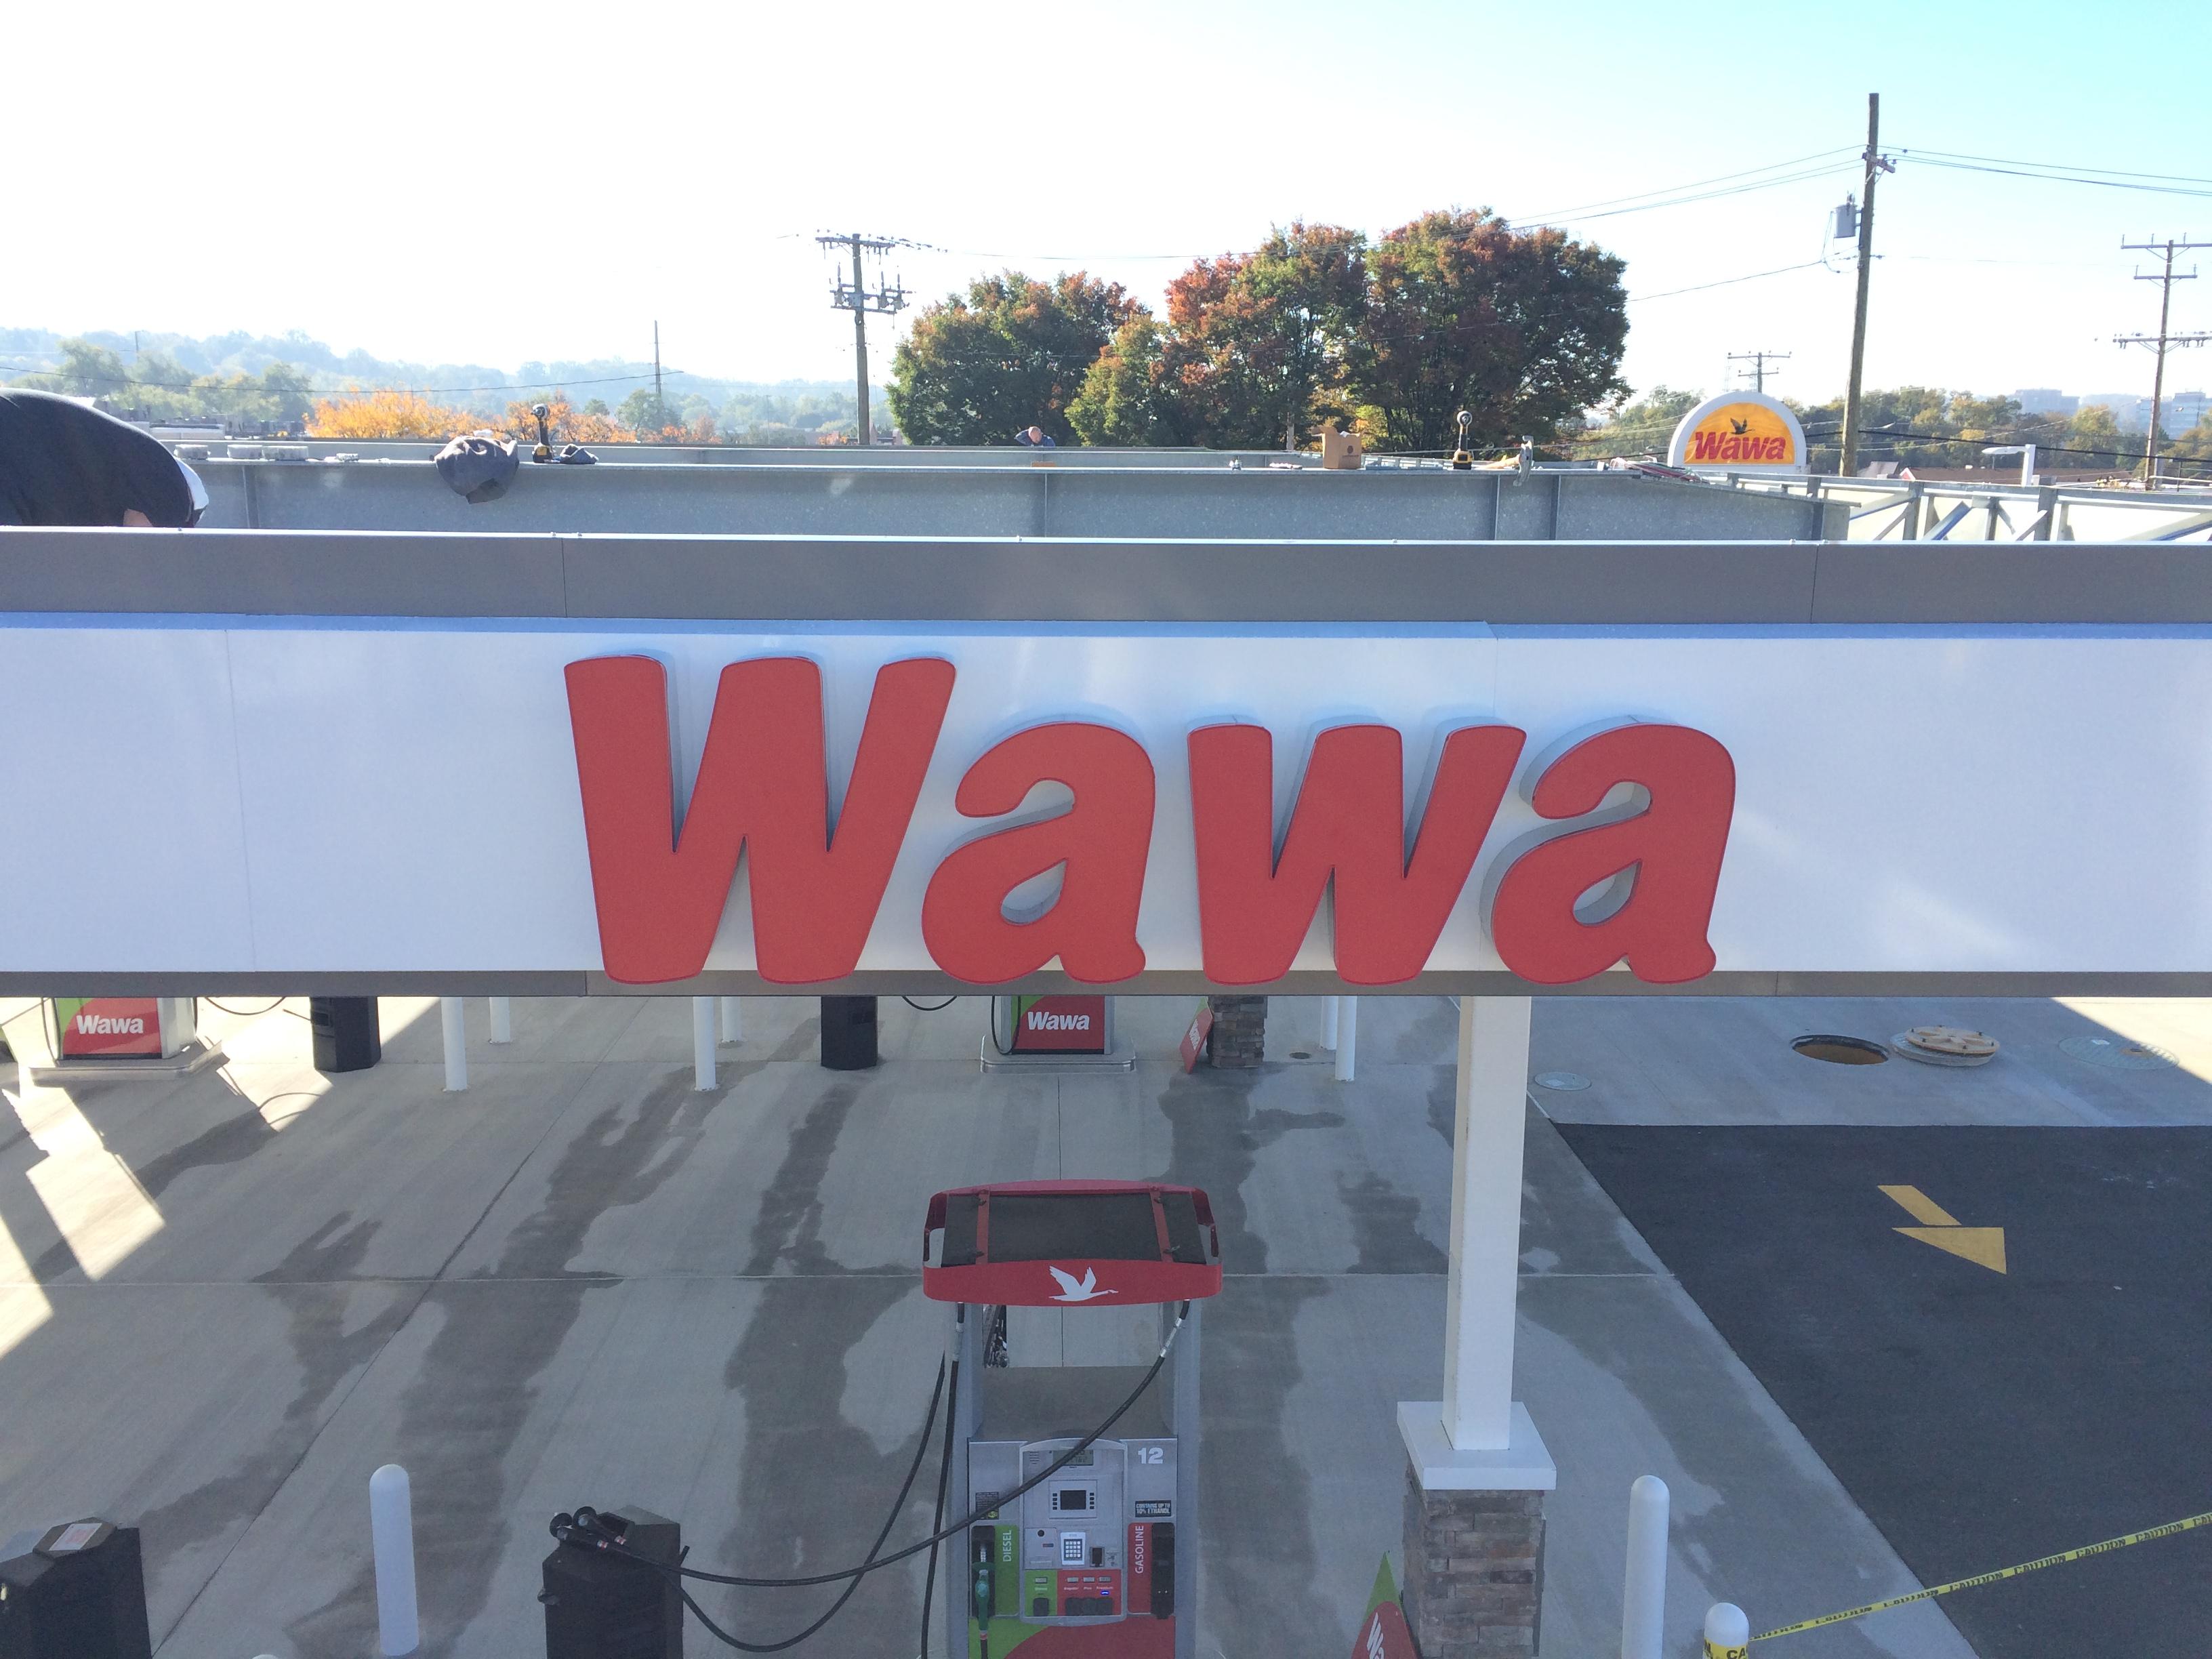 Wawa - Channel Letters - Illuminated